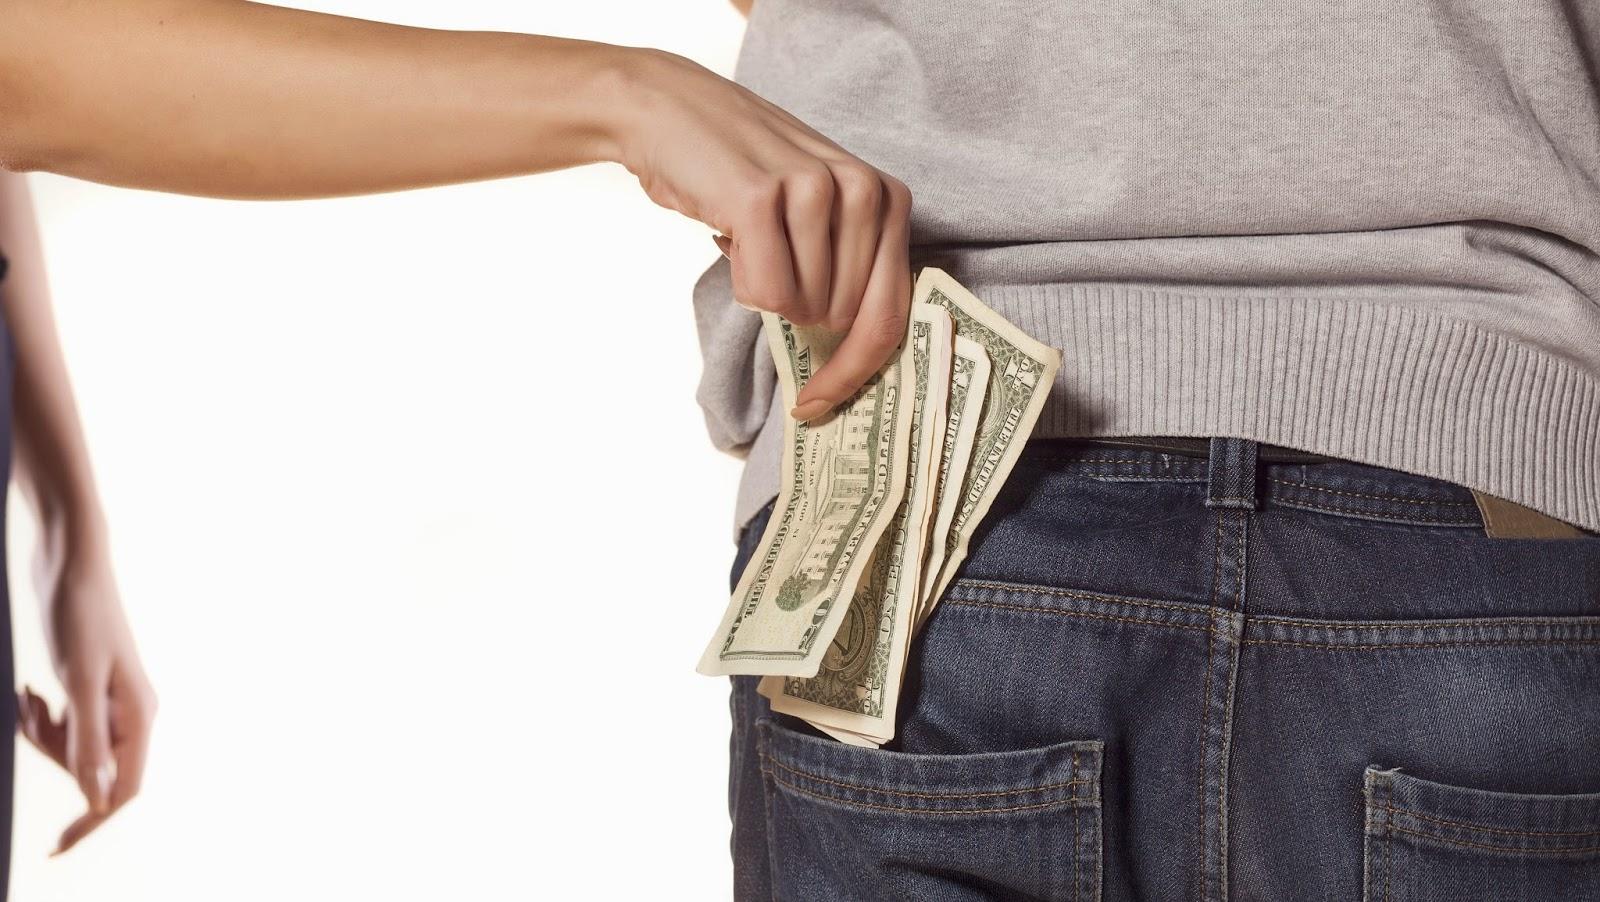 top 10 ways to save money in your divorce